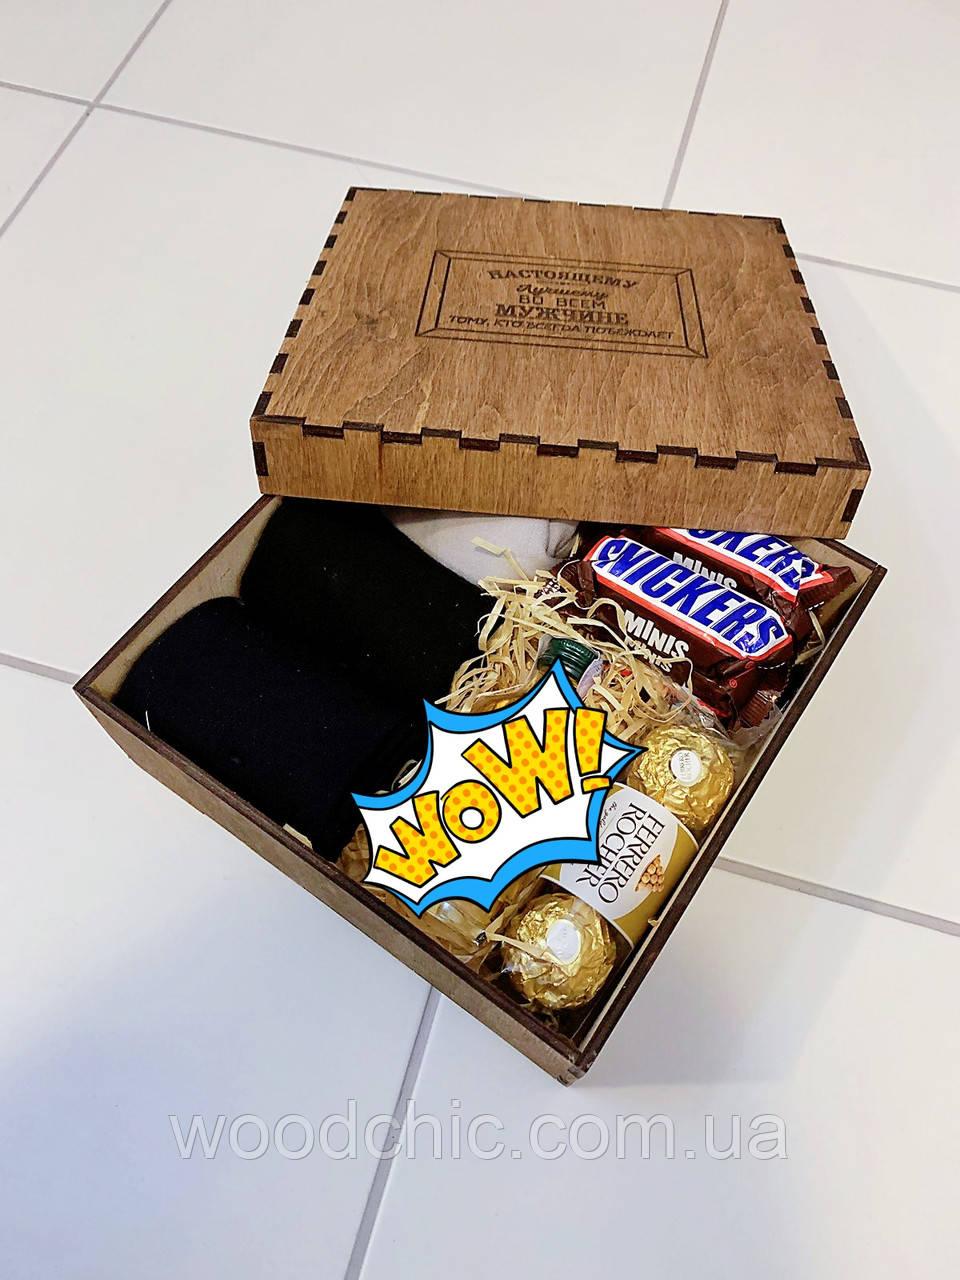 Подарочная деревянная коробка для мужчины,   покраска